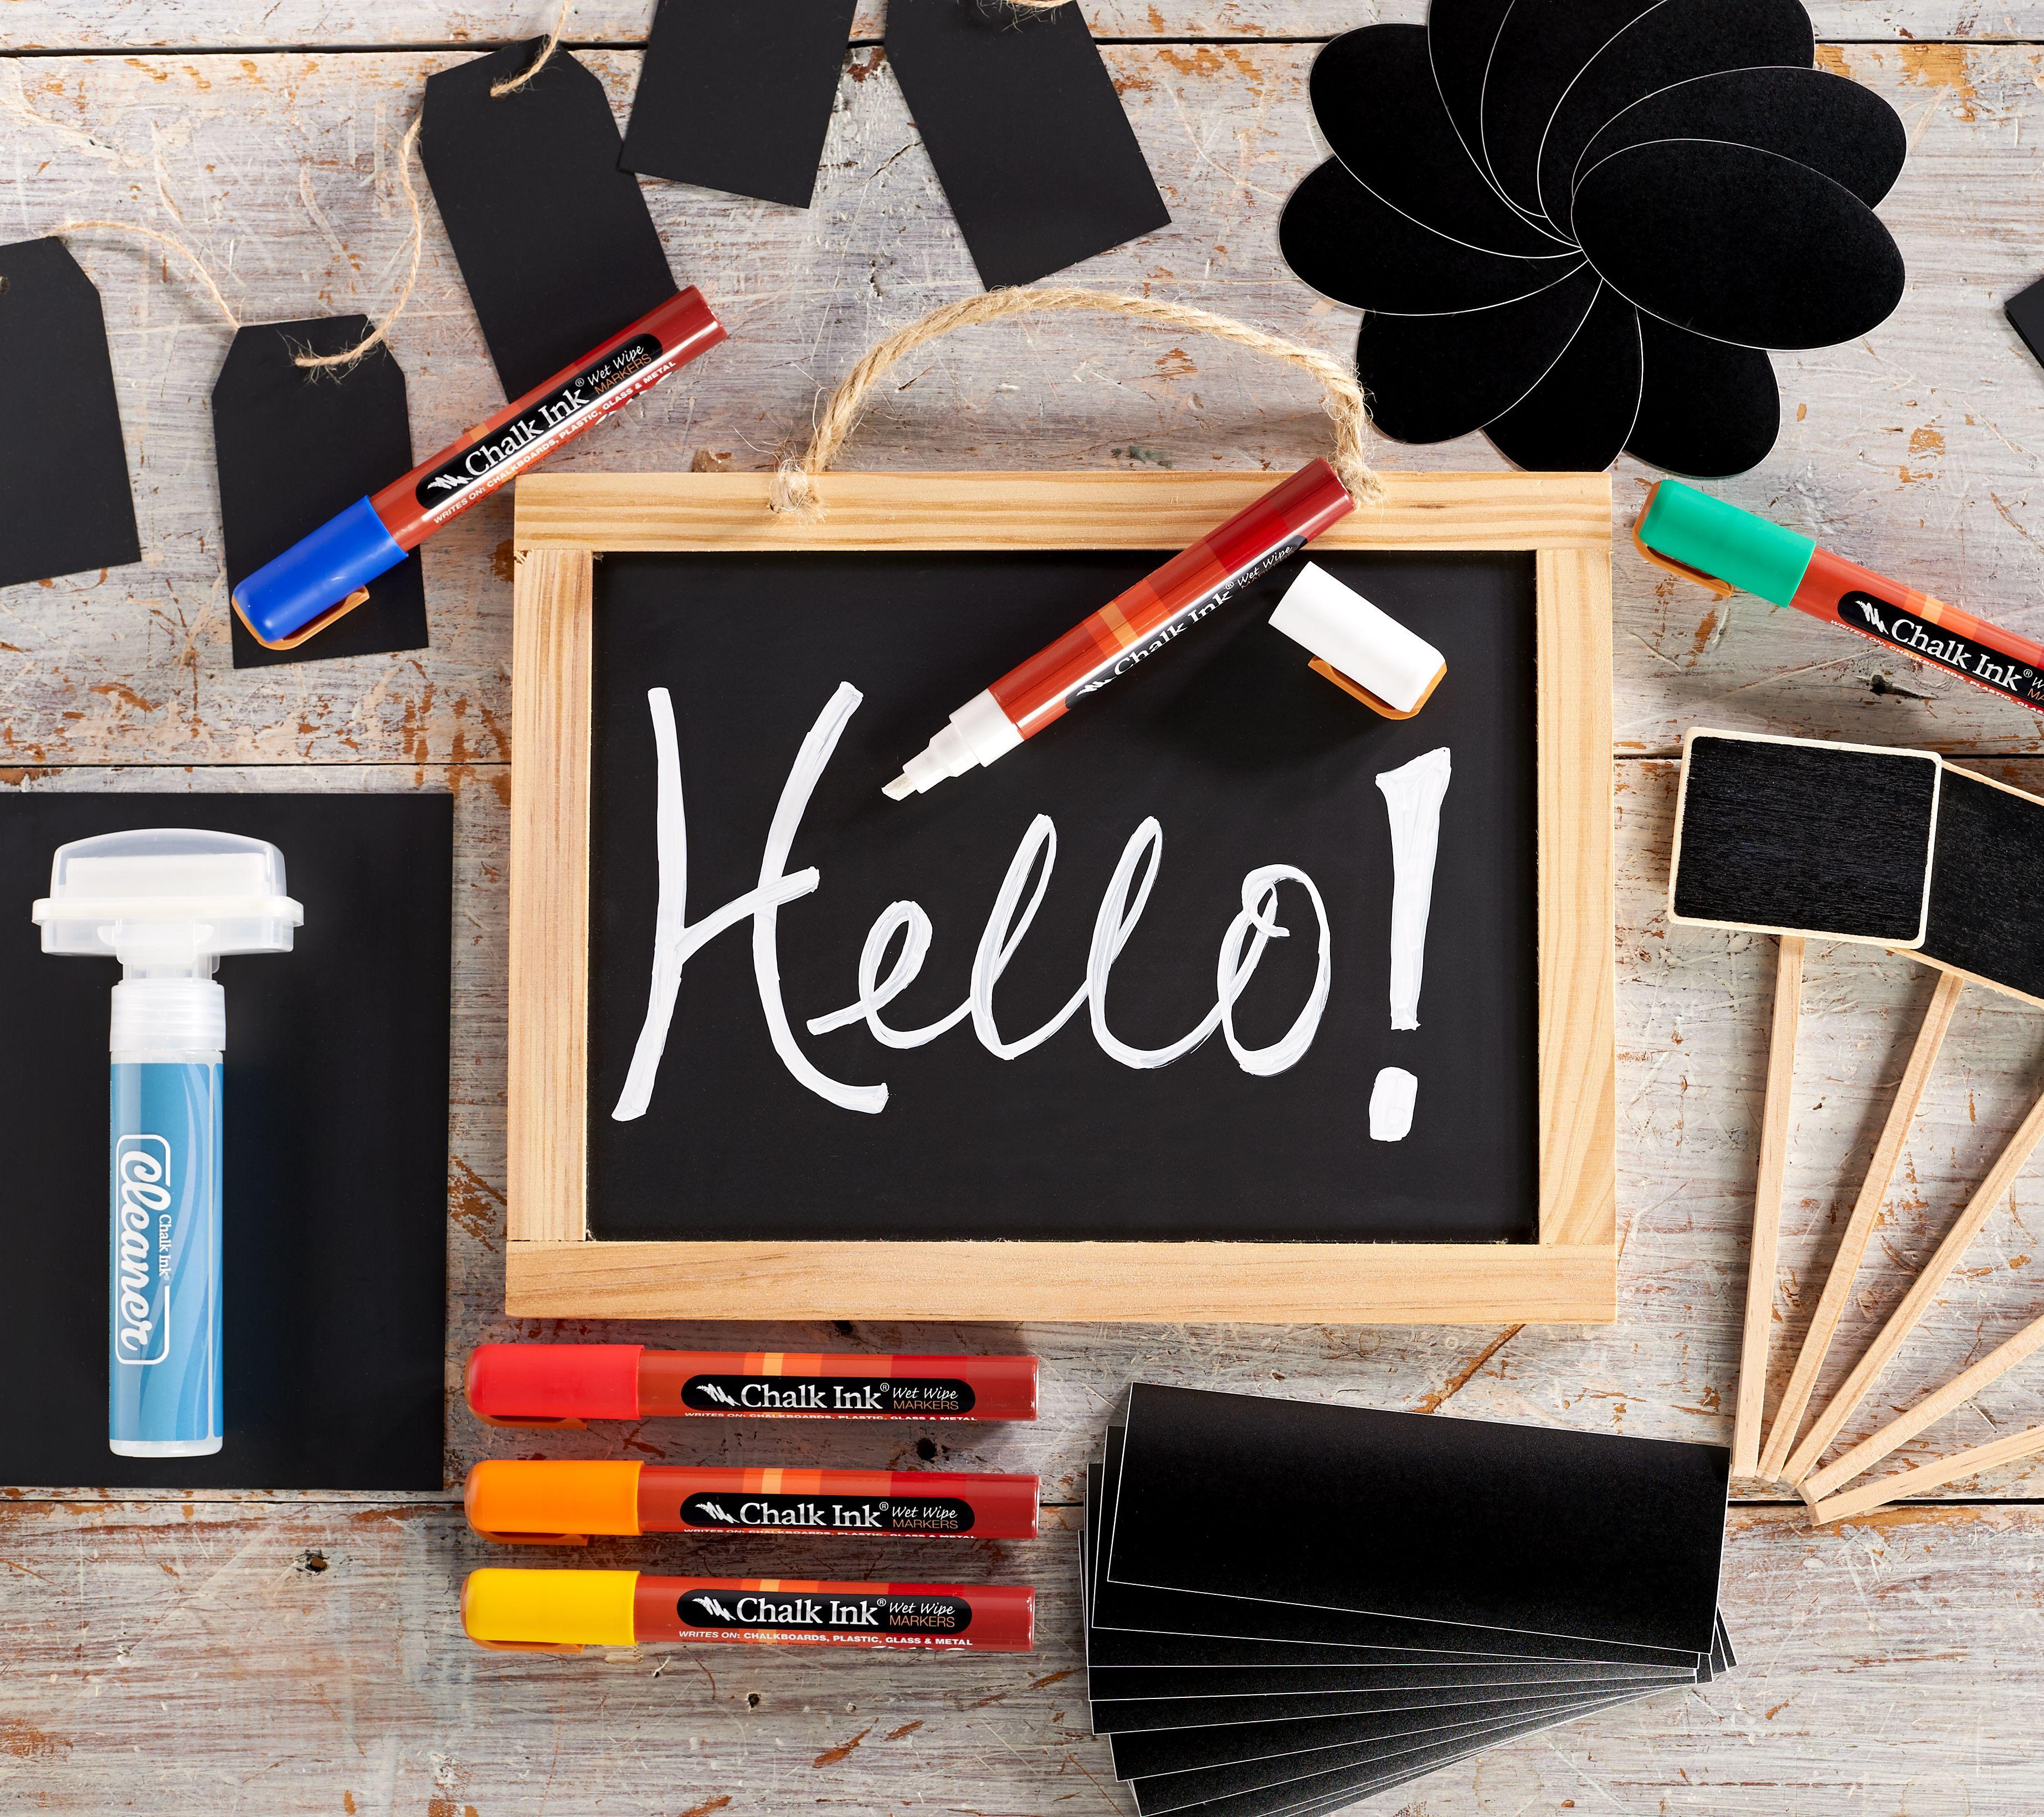 6 Chalks Six Blackboard Plastic Nesting Dolls